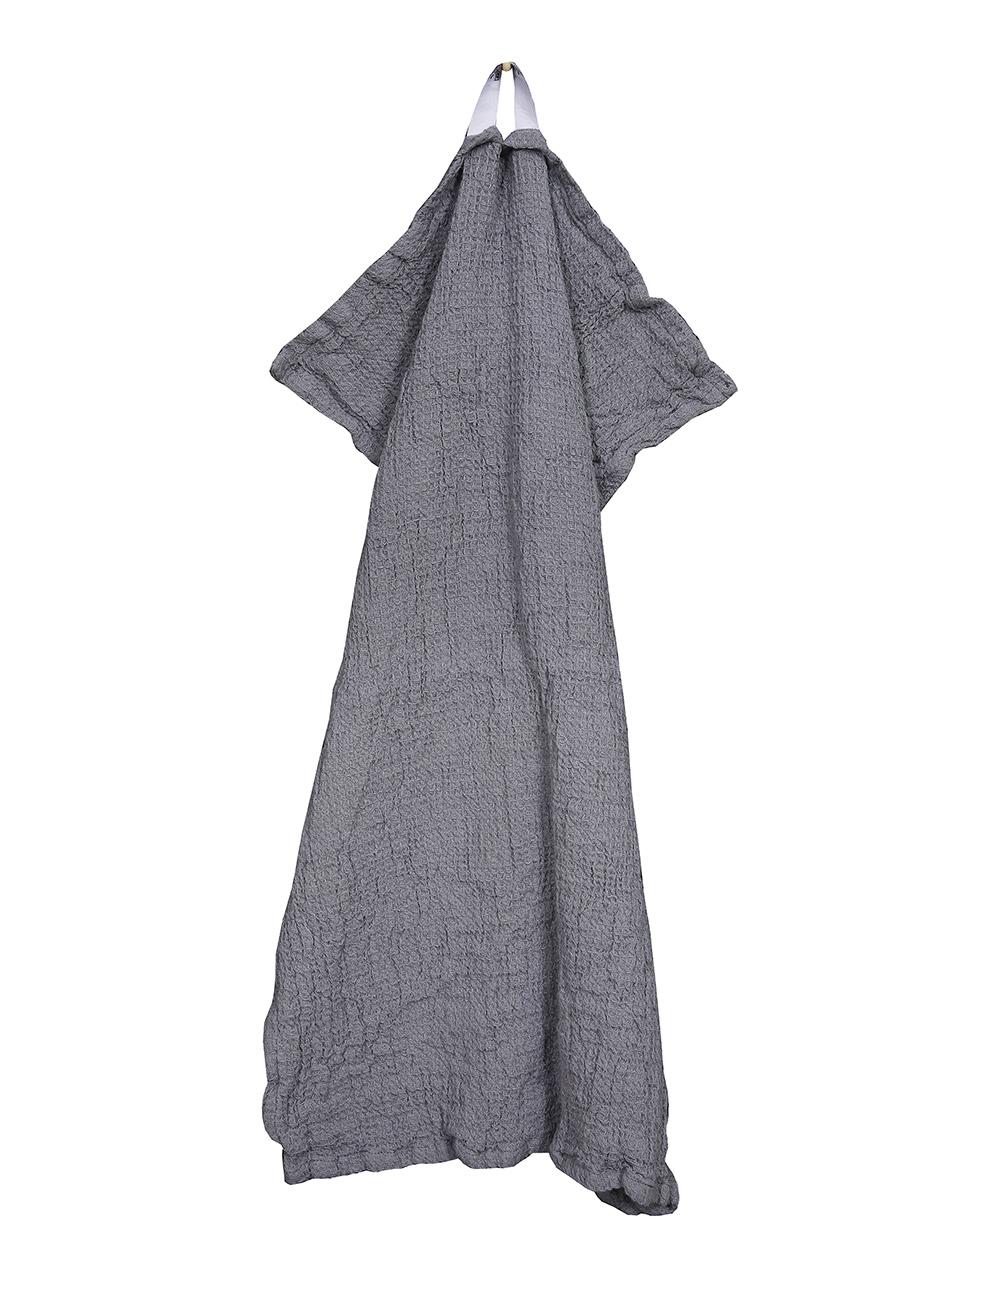 Waffled Towel Vejby Gray 40x60cm